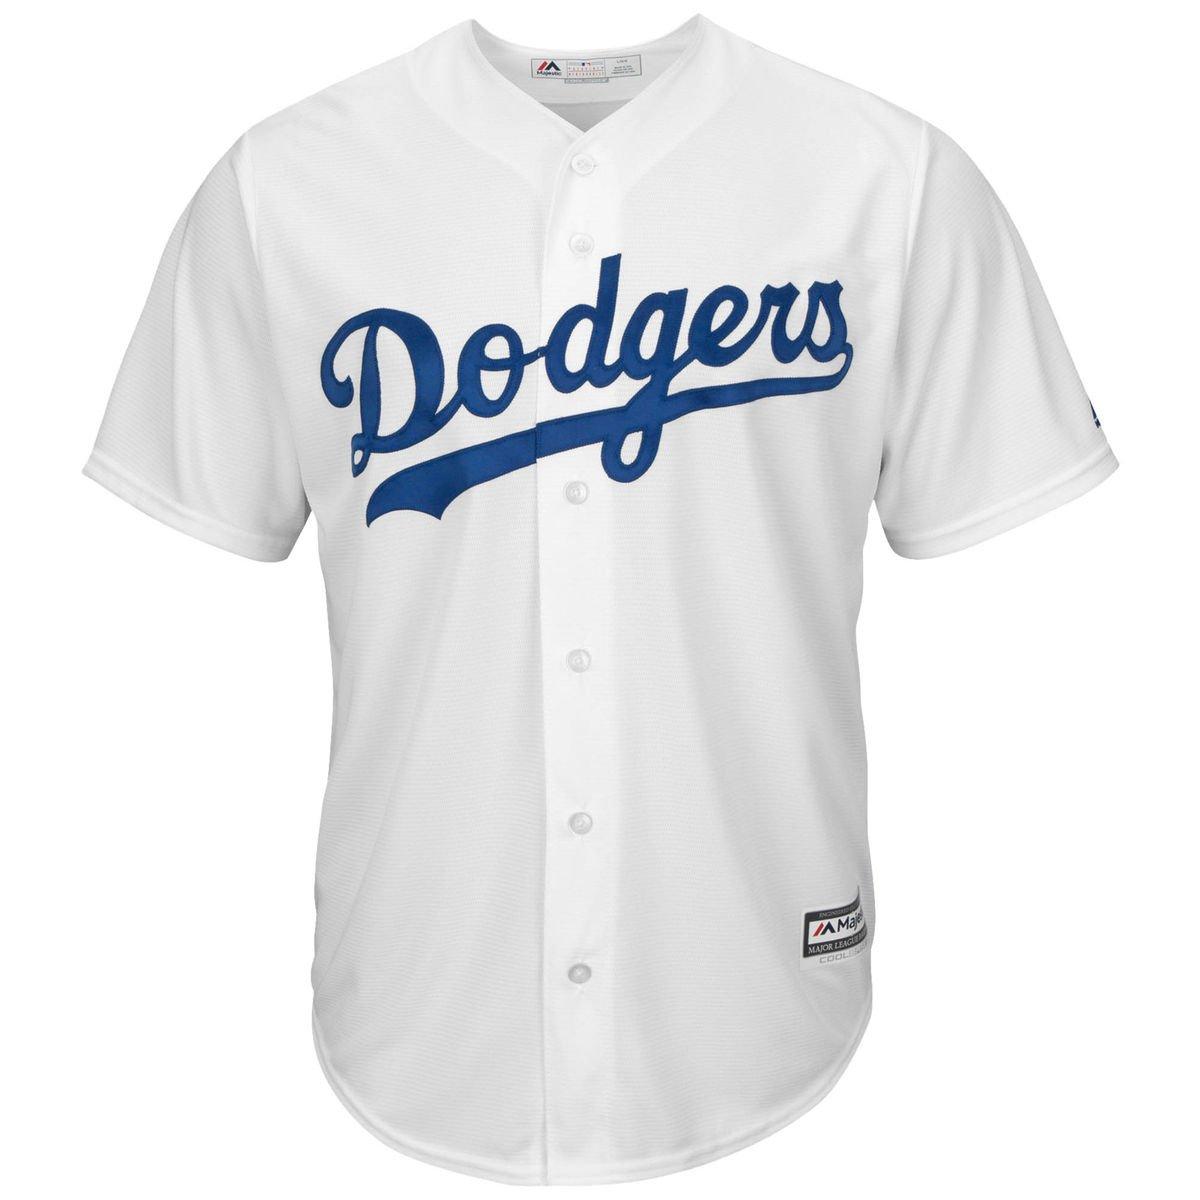 注目のブランド Cody Bellinger Los Angeles Dodgers Cool Youth 10/12 Cool Baseホワイトレプリカジャージー Youth Youth Medium 10/12 B073QW1Q85, 【高価値】:e69afb64 --- a0267596.xsph.ru